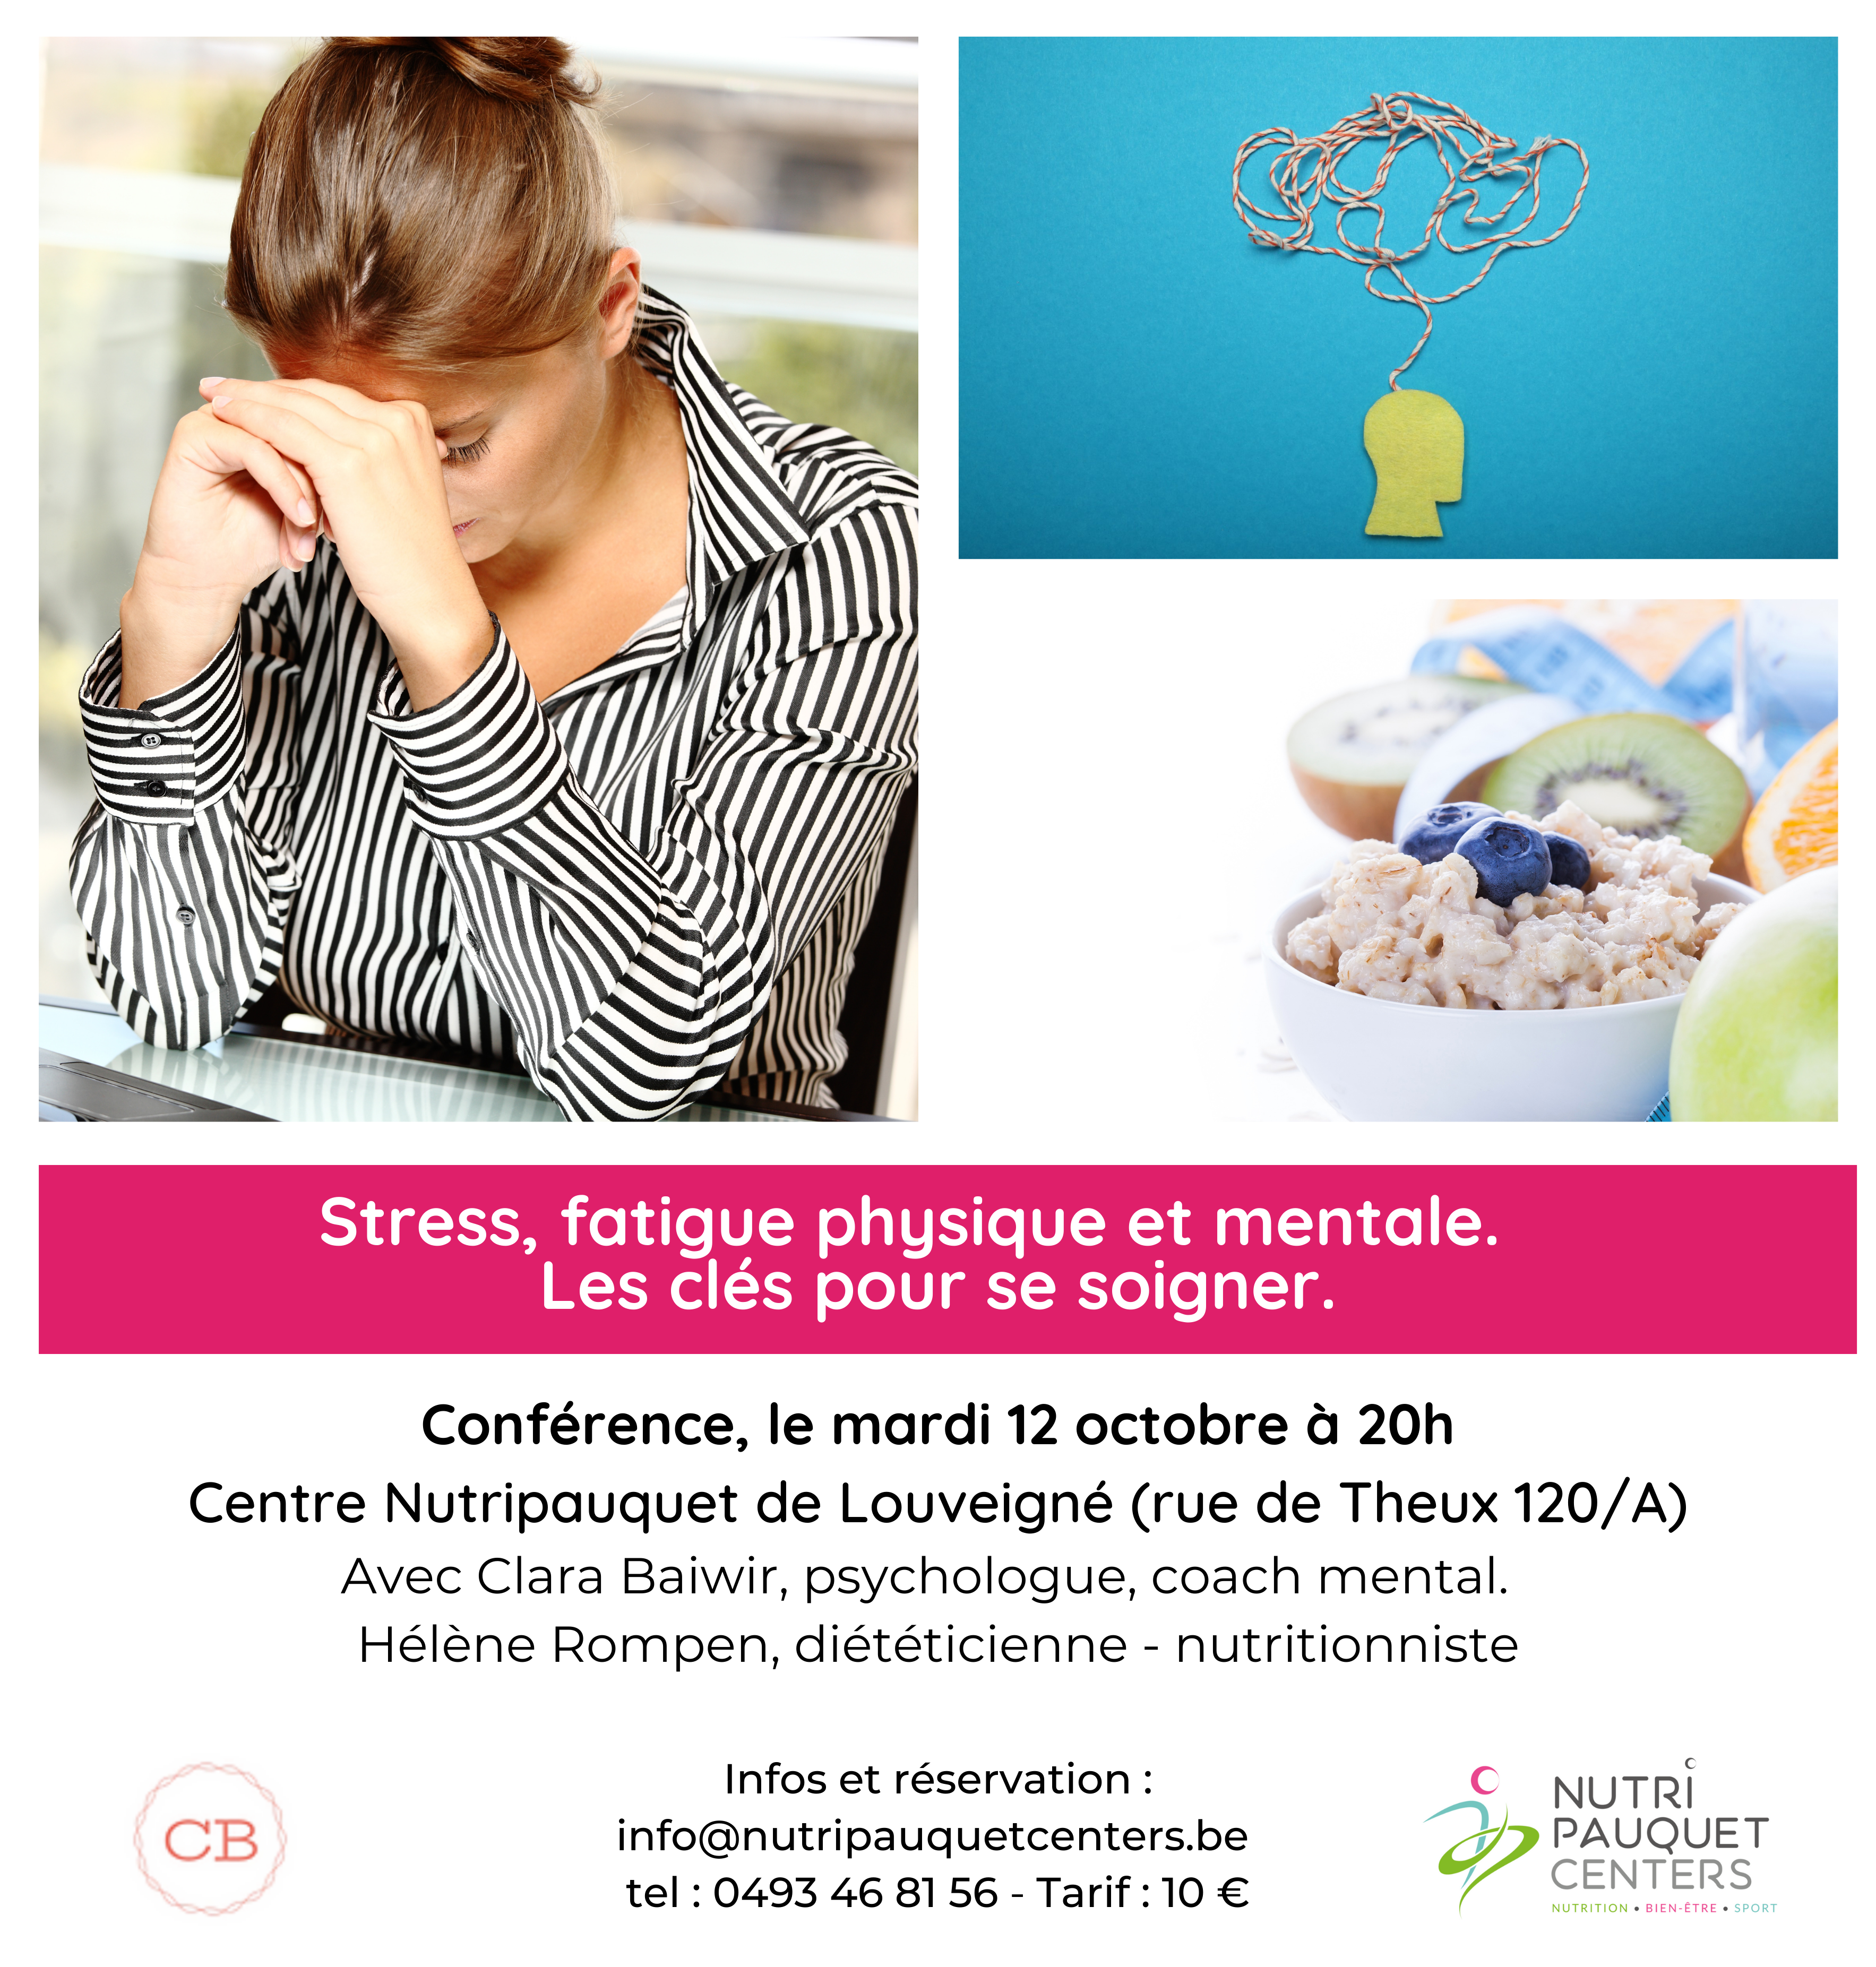 Conférence stress, fatigue mentale et physique.  Les clés pour se soigner.